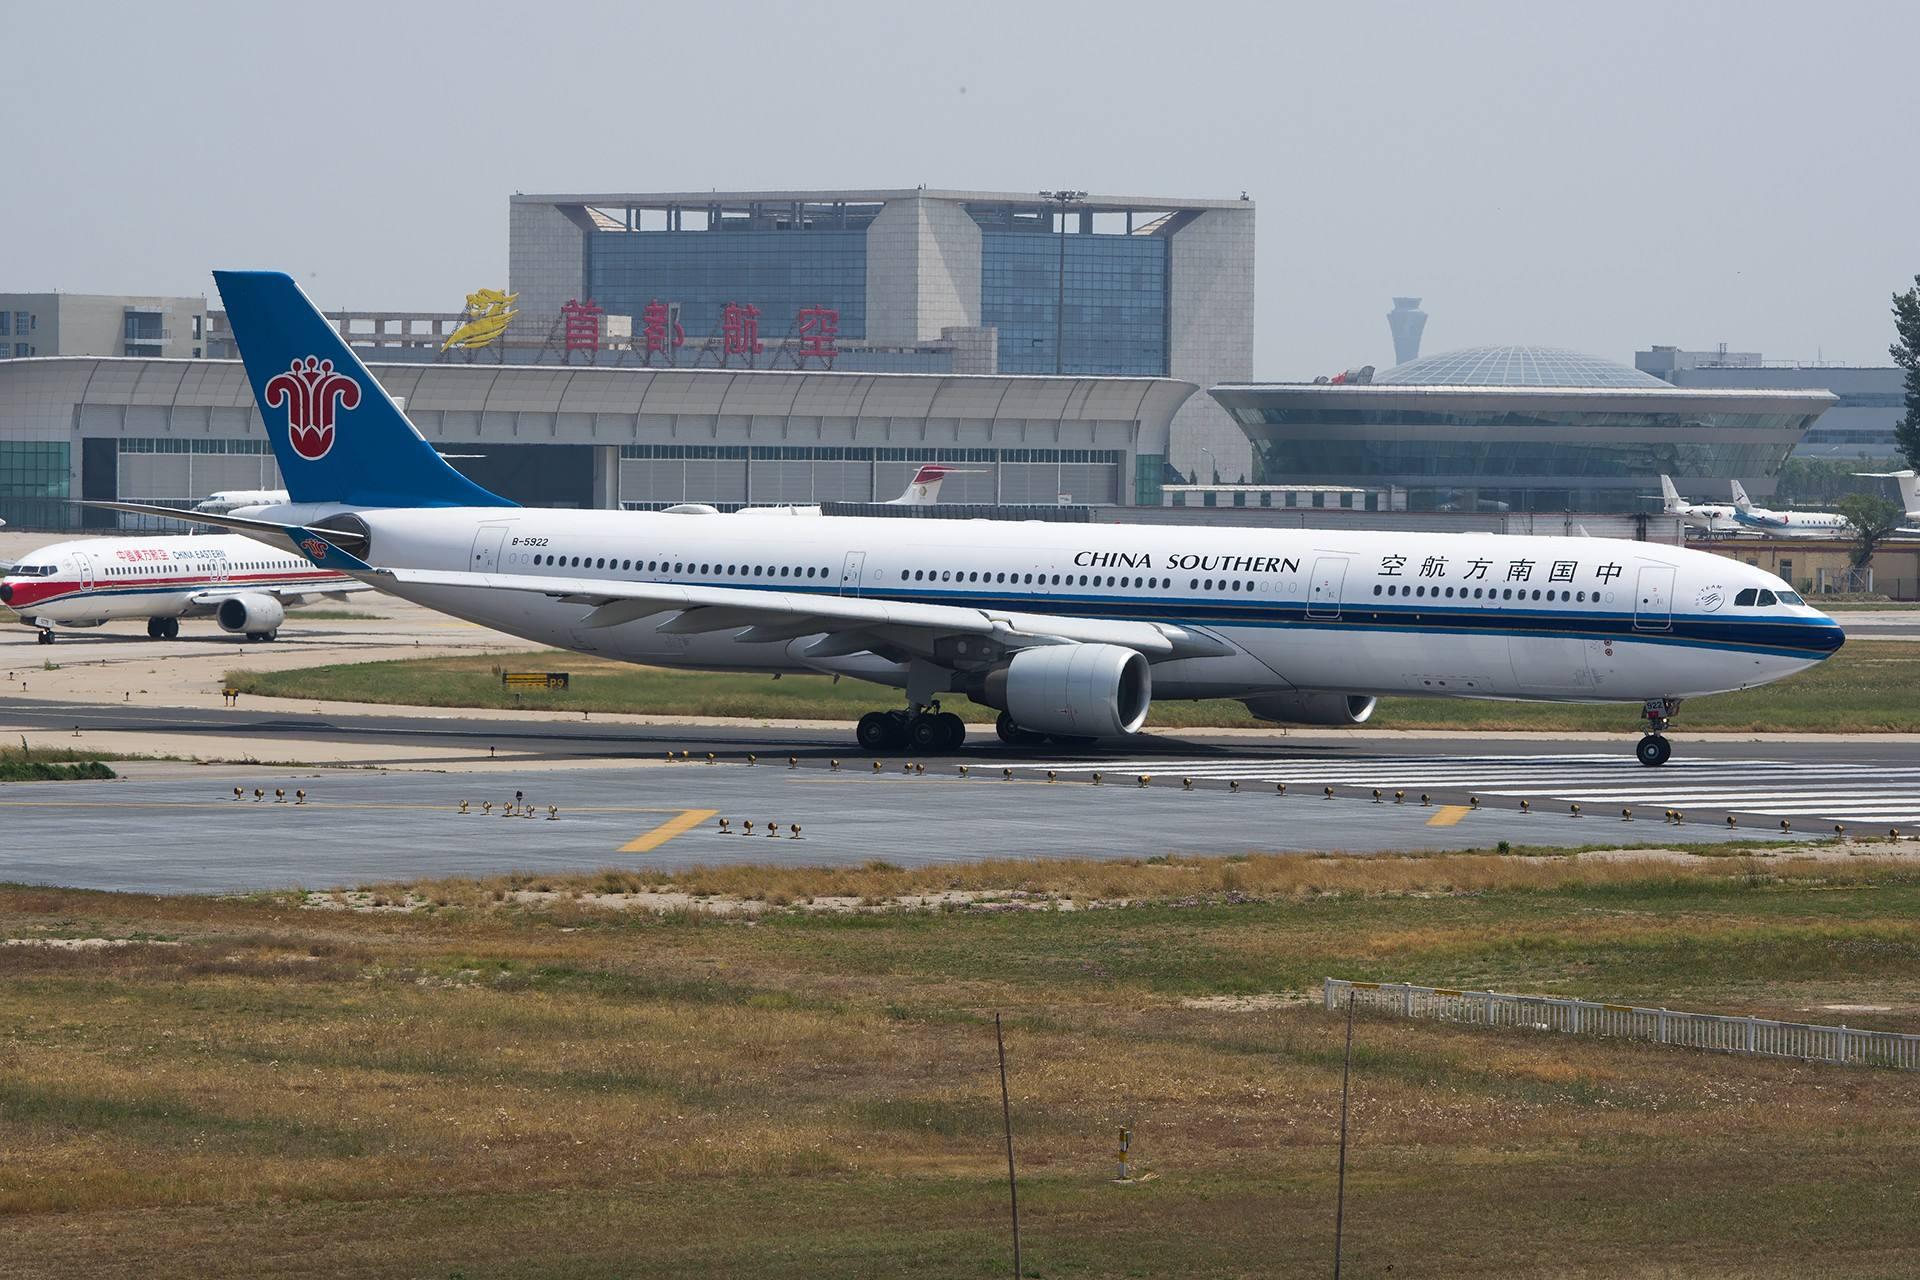 北京首都机场灯箱广告